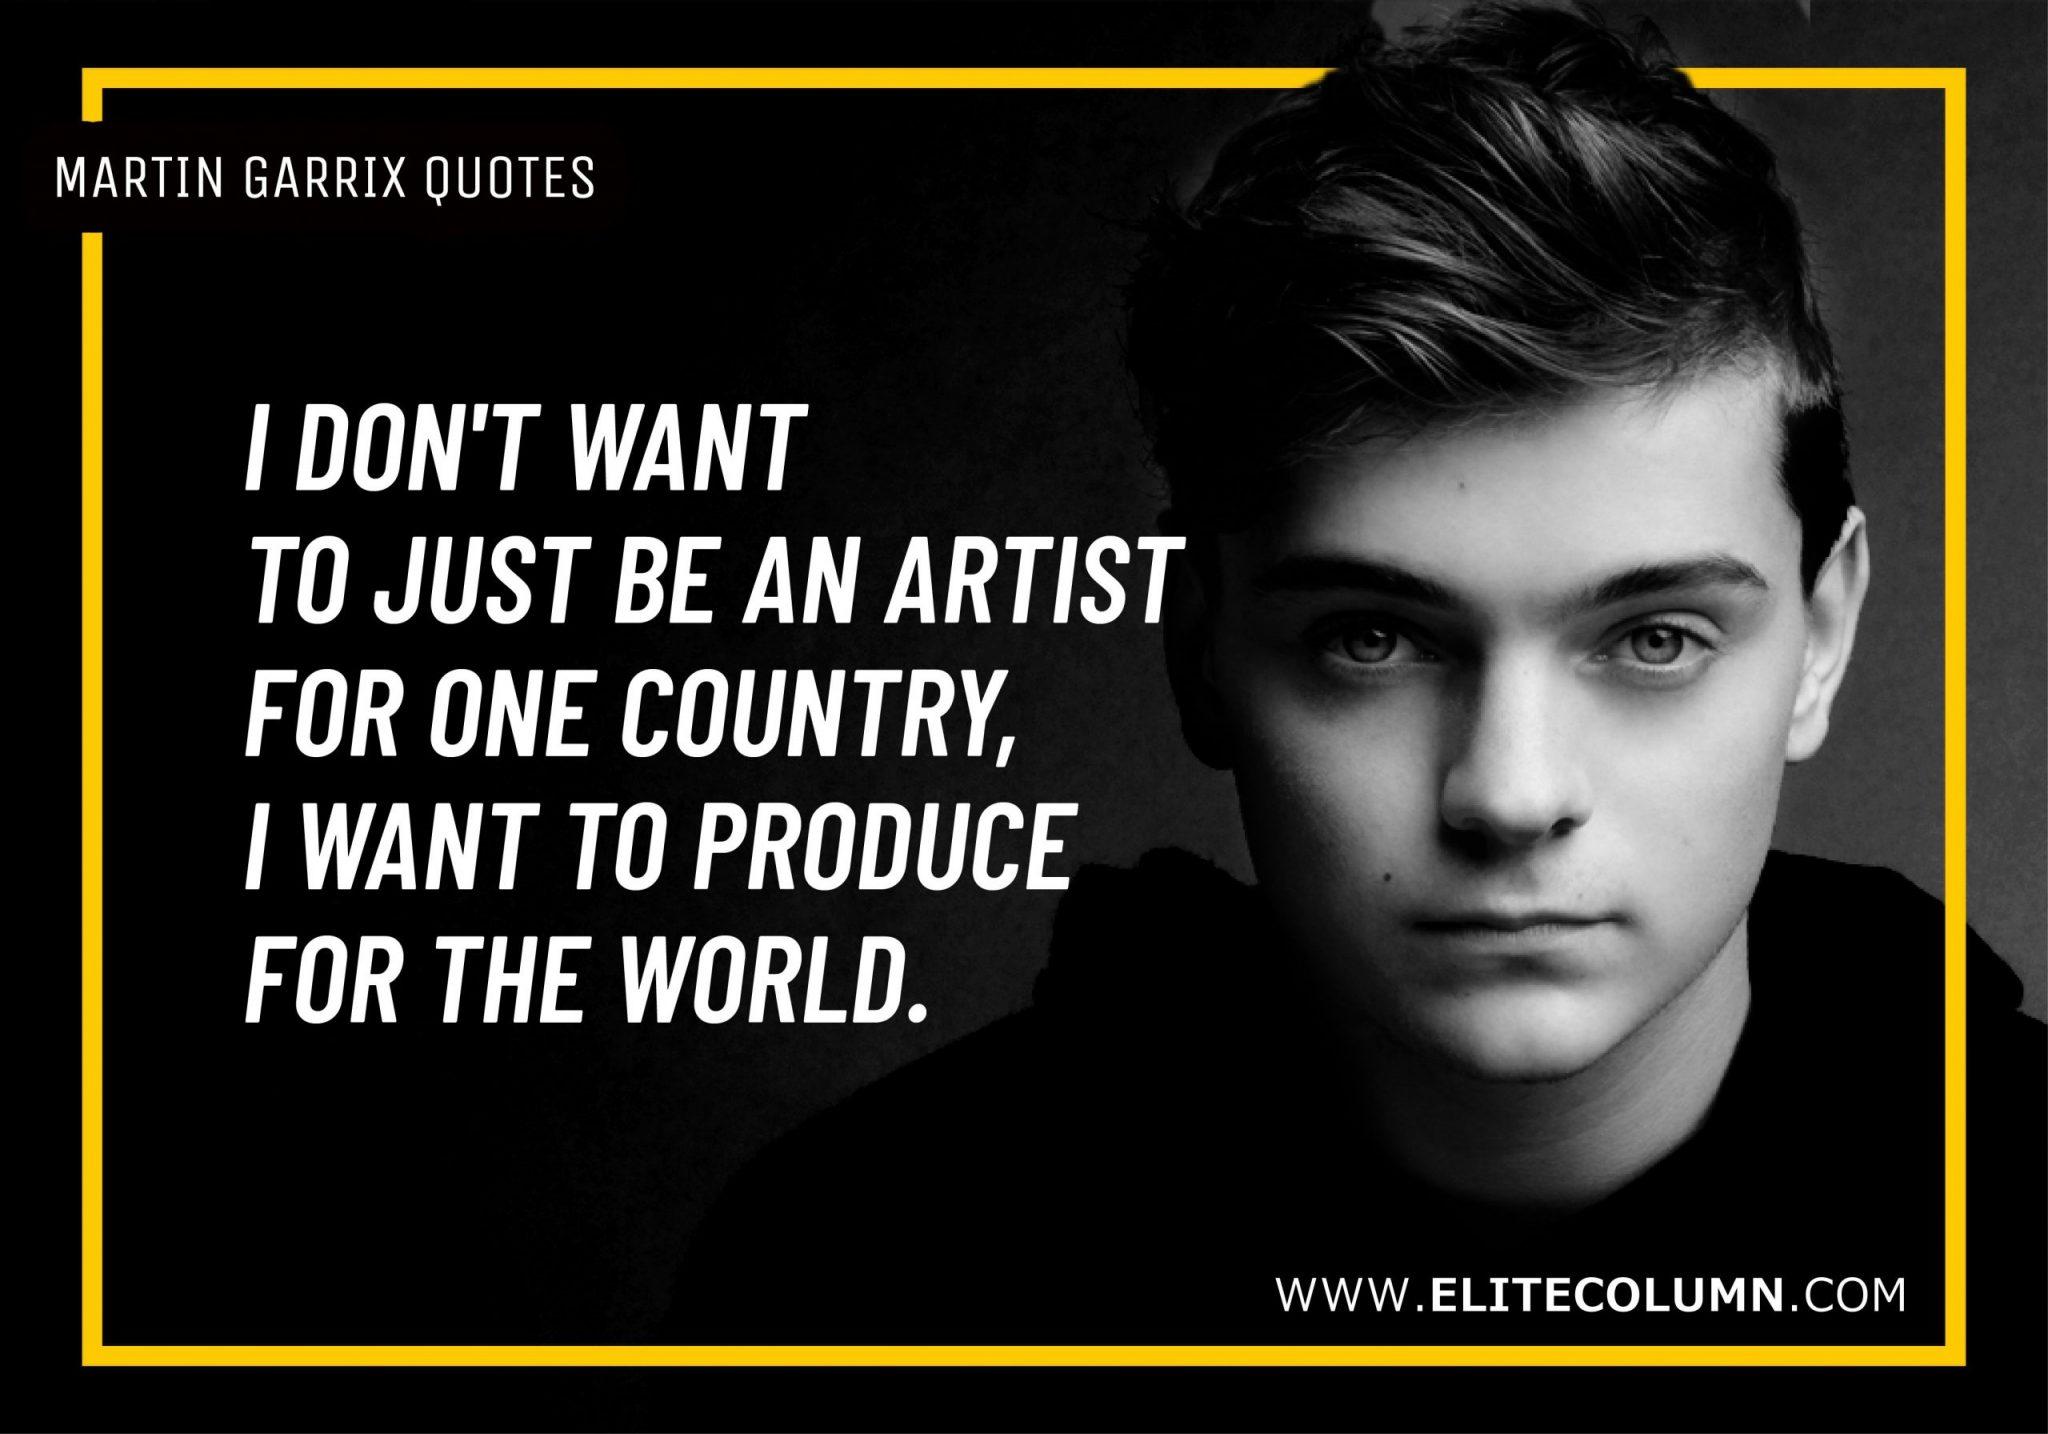 Martin Garrix Quotes (2)